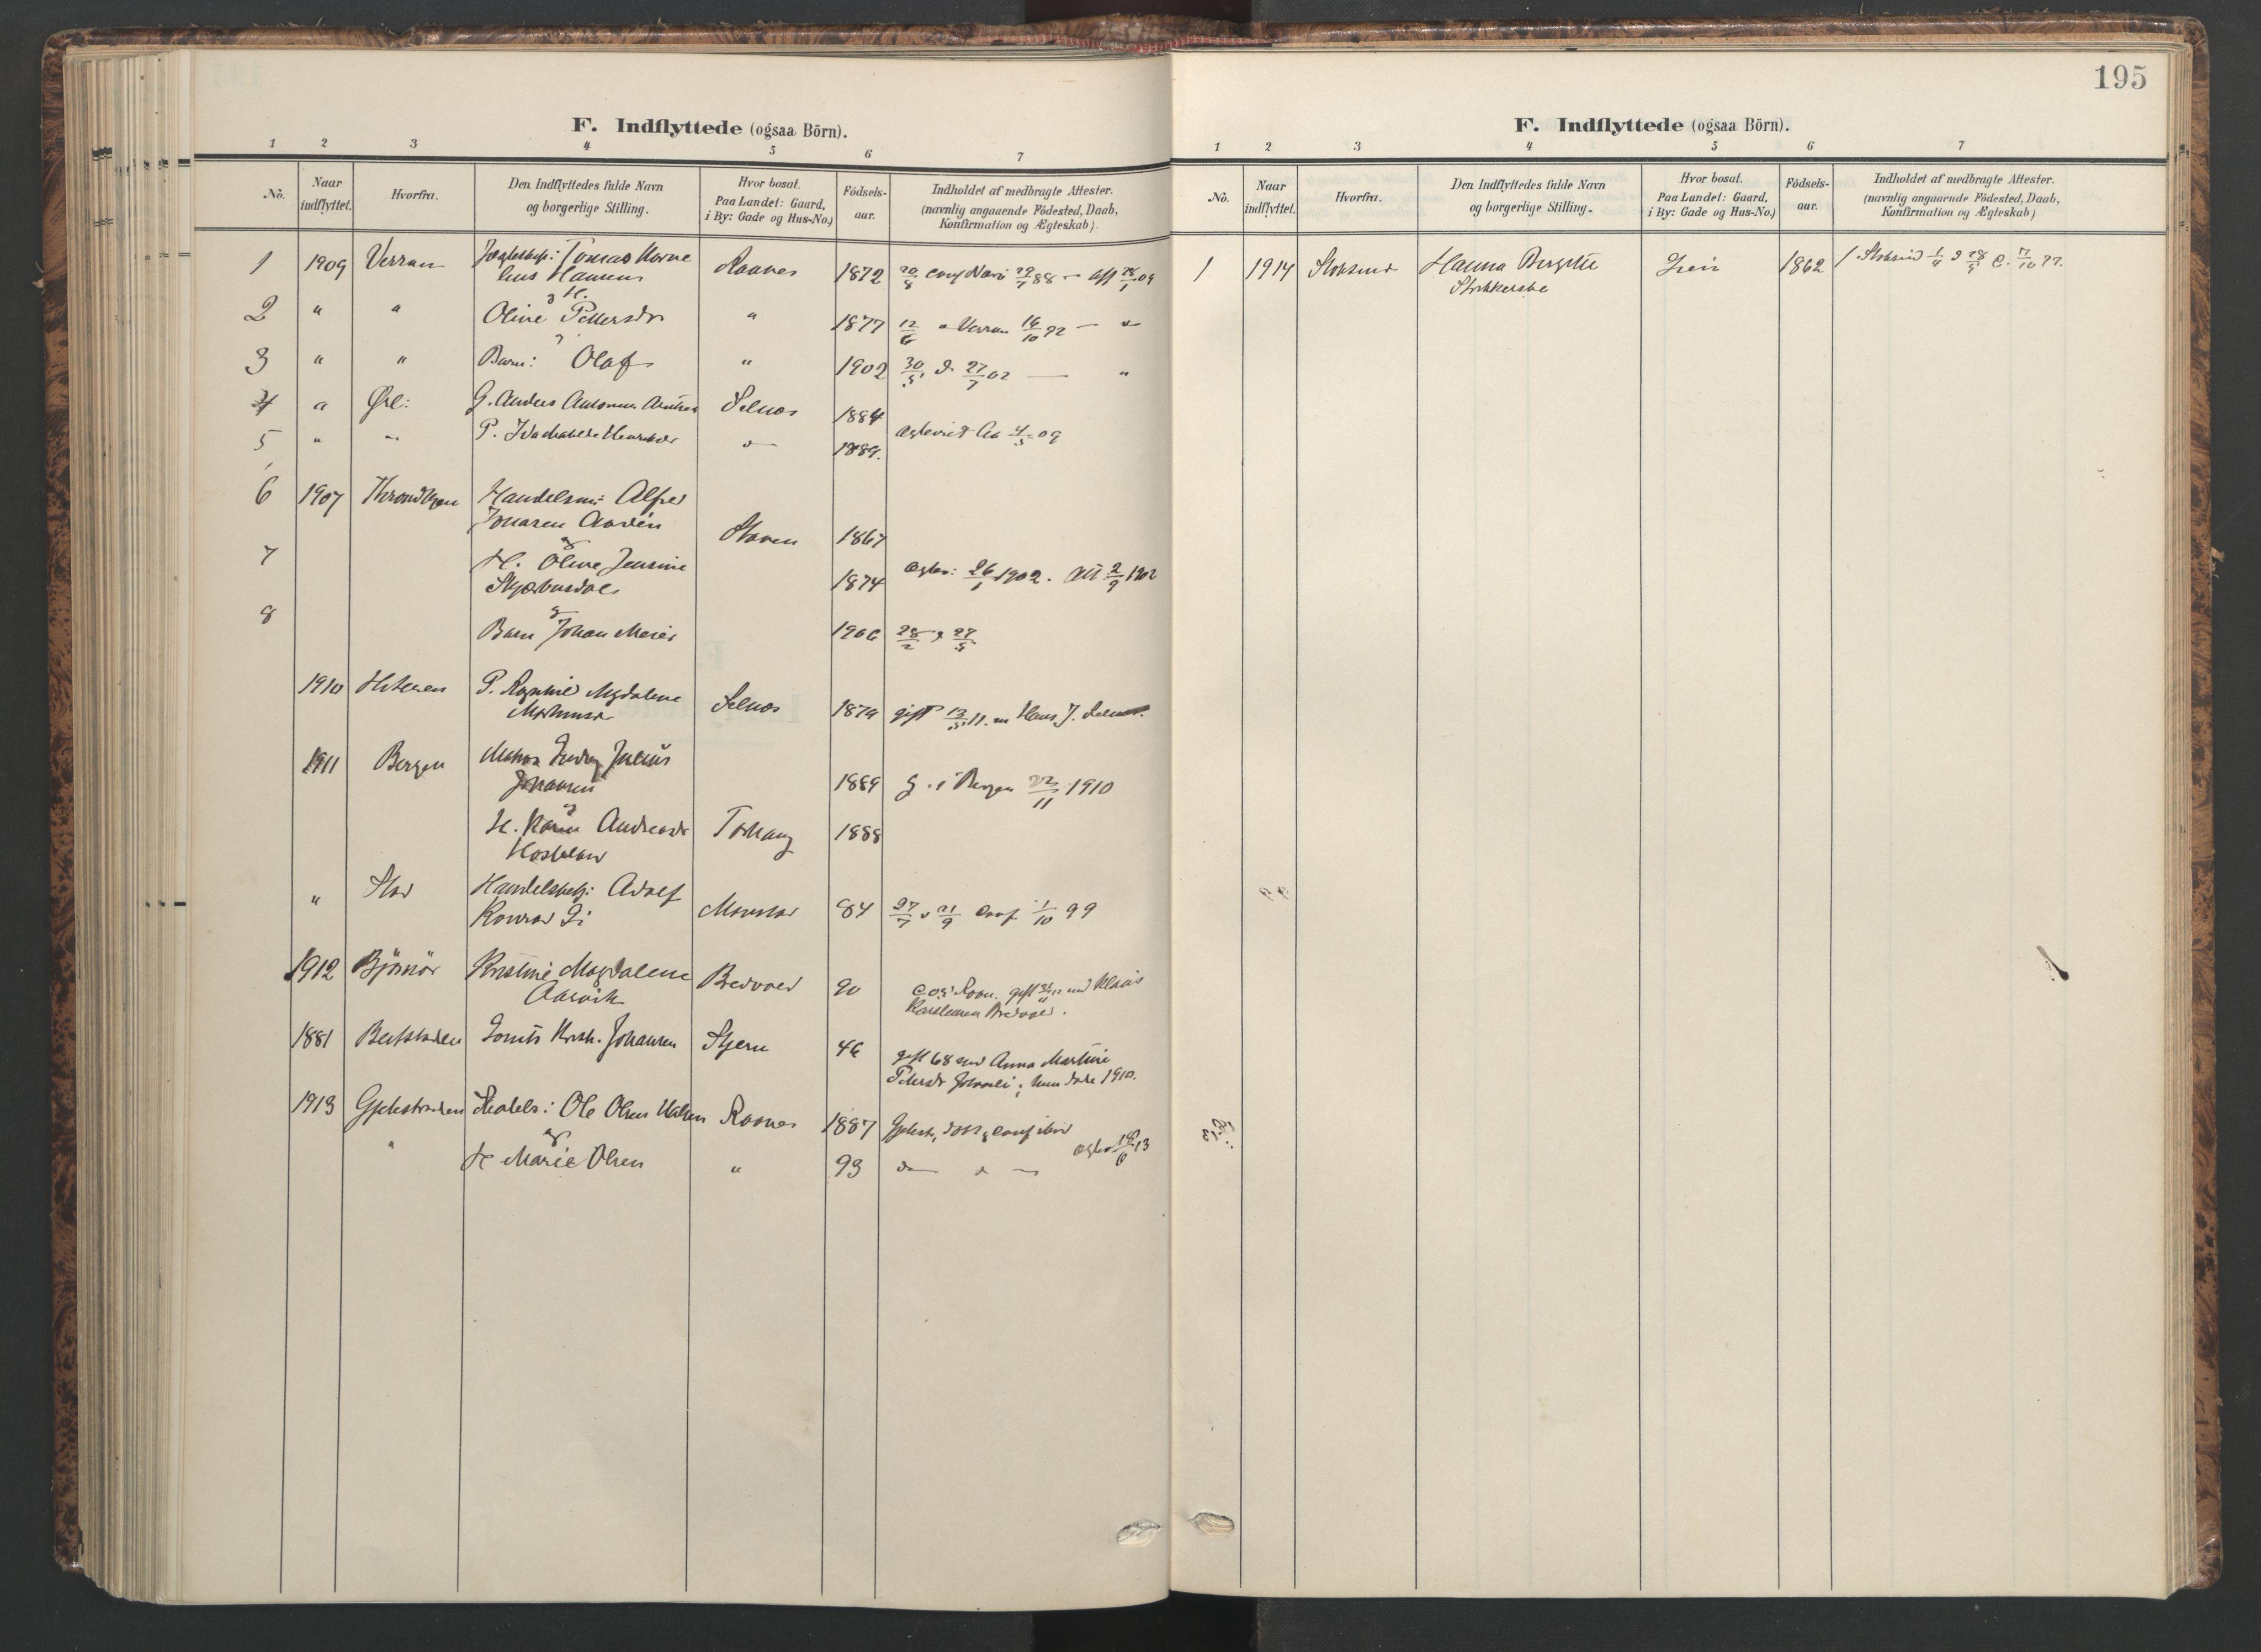 SAT, Ministerialprotokoller, klokkerbøker og fødselsregistre - Sør-Trøndelag, 655/L0682: Ministerialbok nr. 655A11, 1908-1922, s. 195